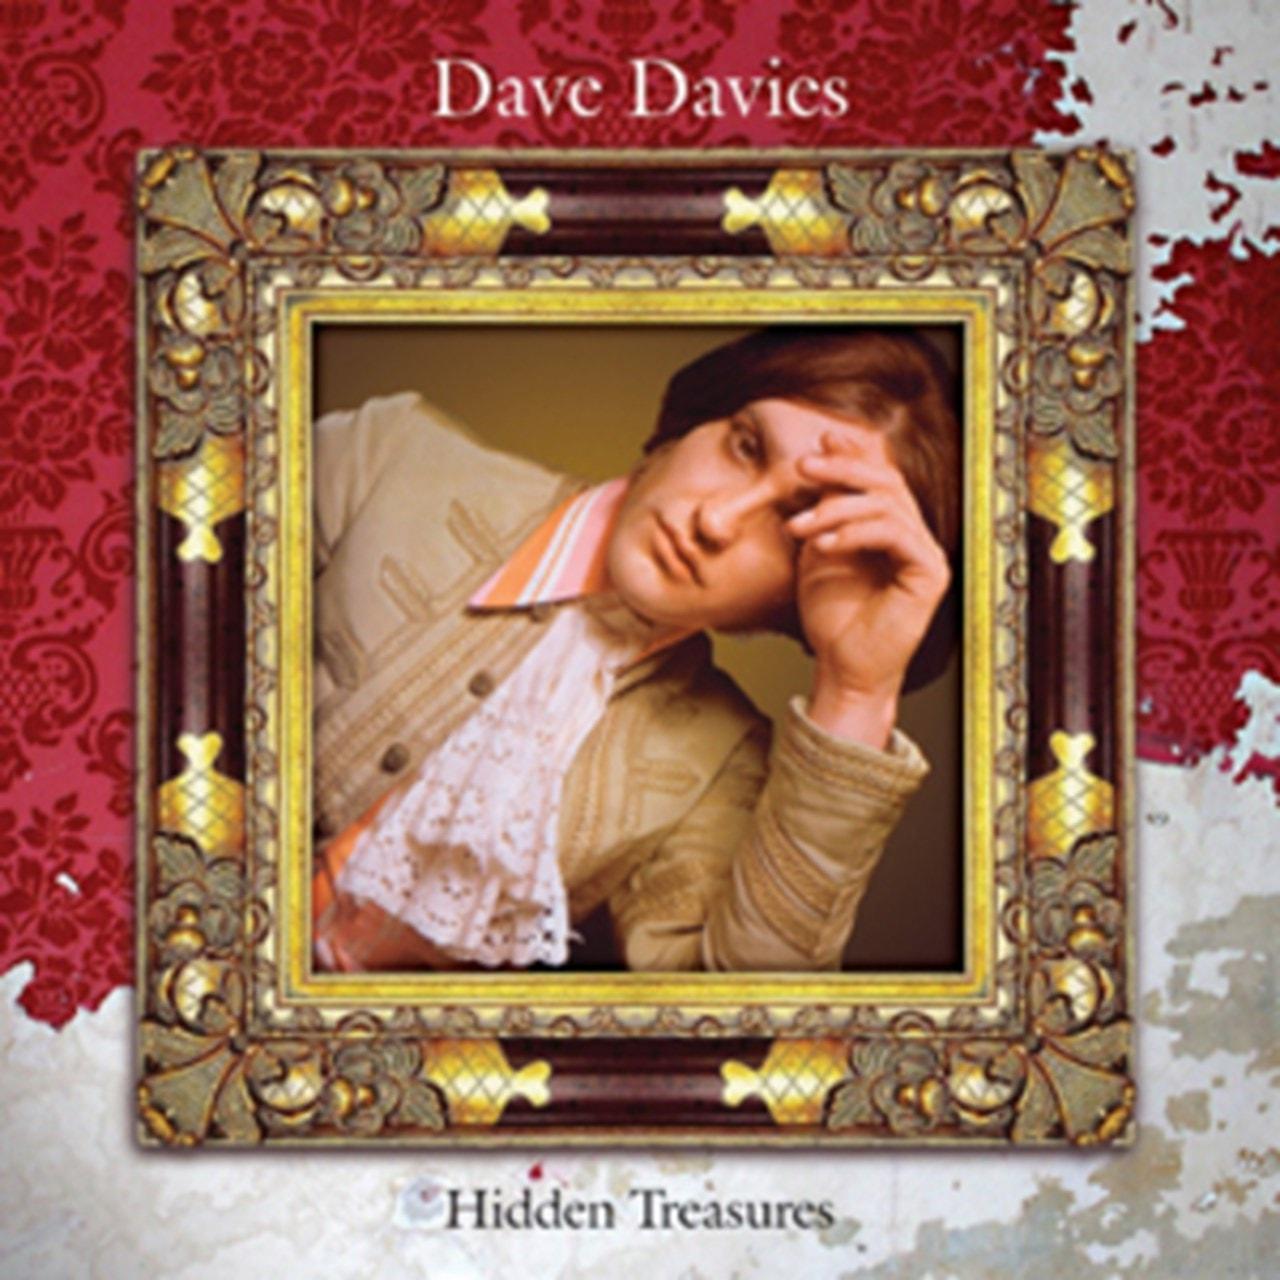 Hidden Treasures - 1